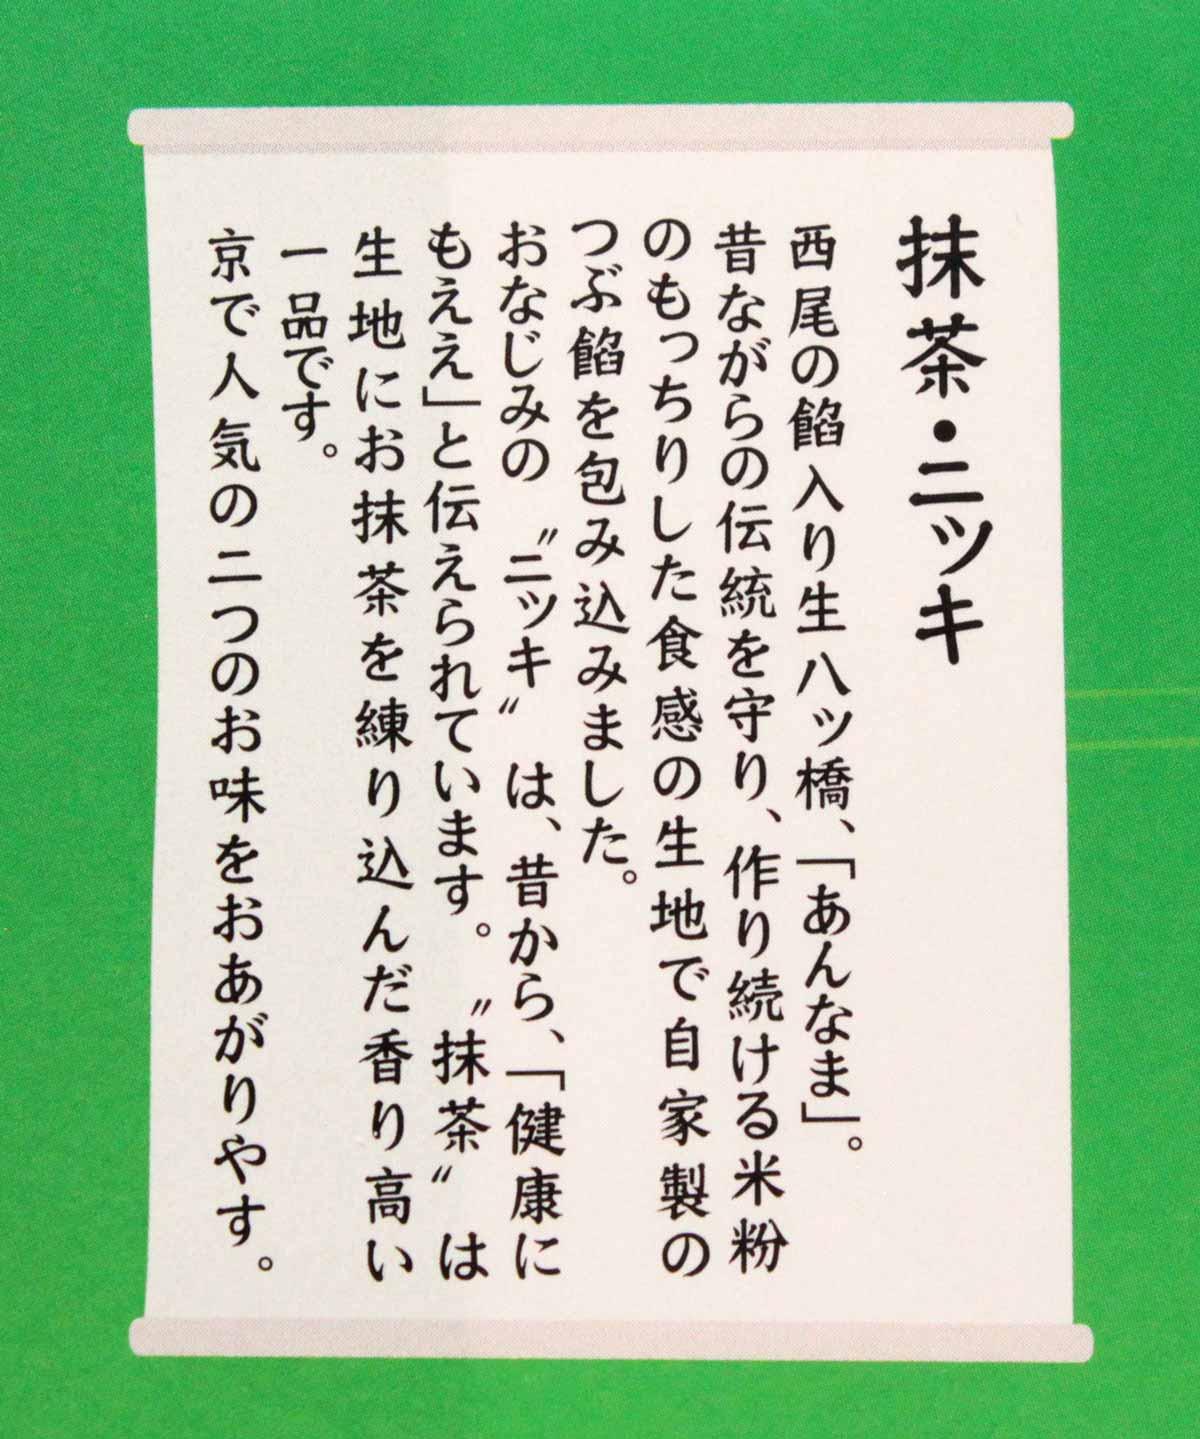 あんなま(抹茶・ニッキ)の説明